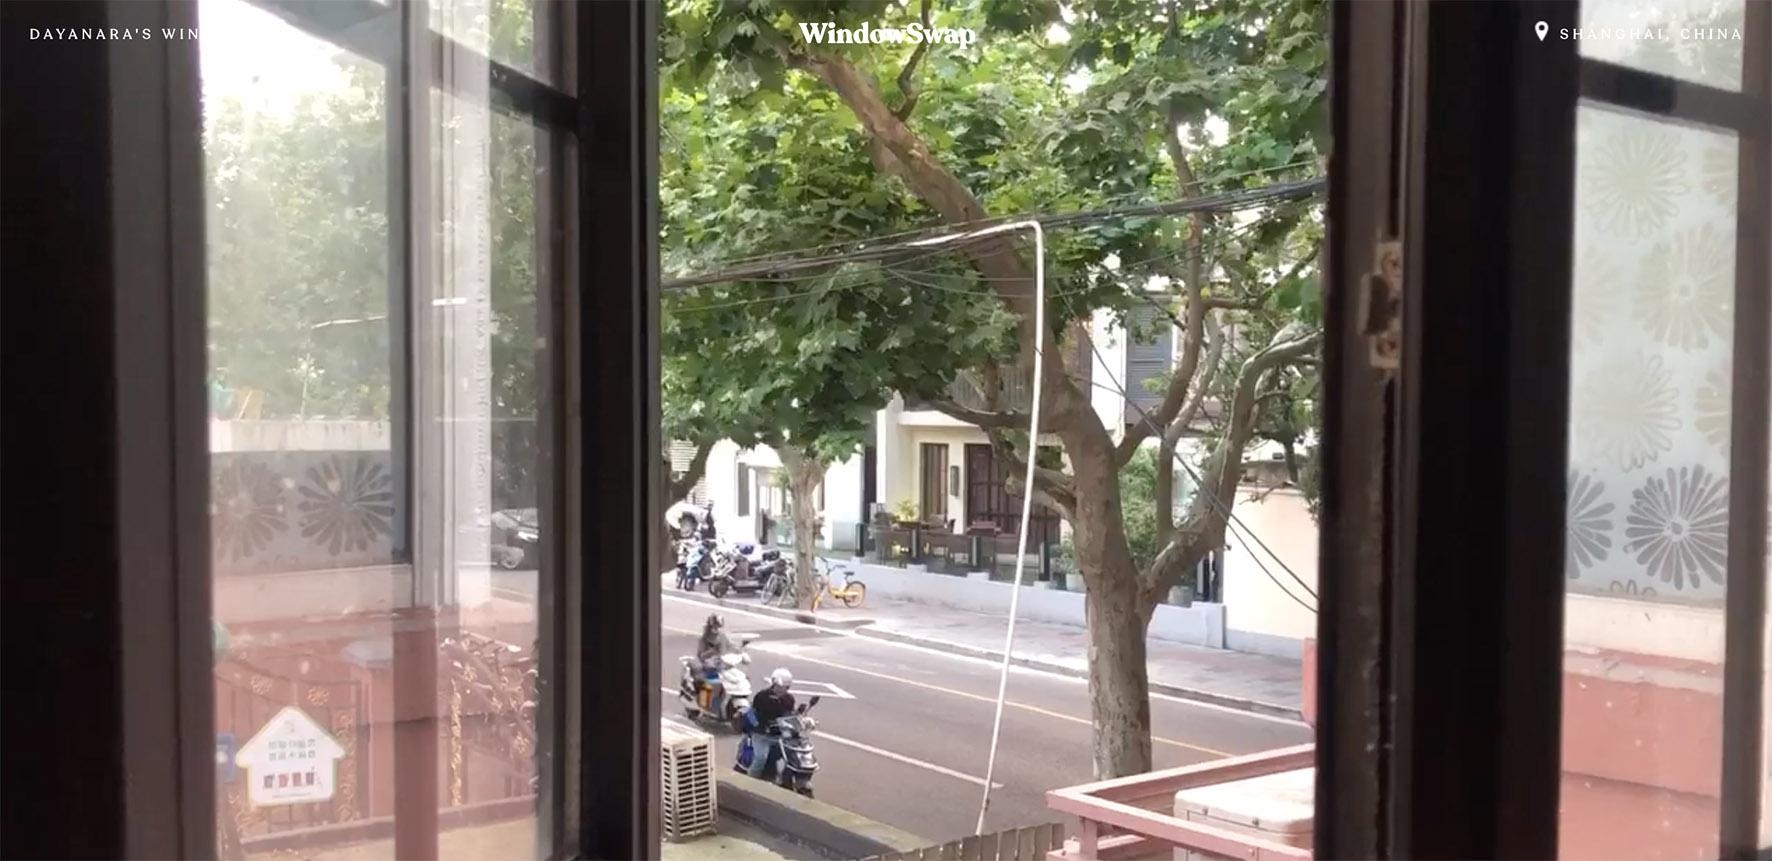 Op deze foto zie je een window in China